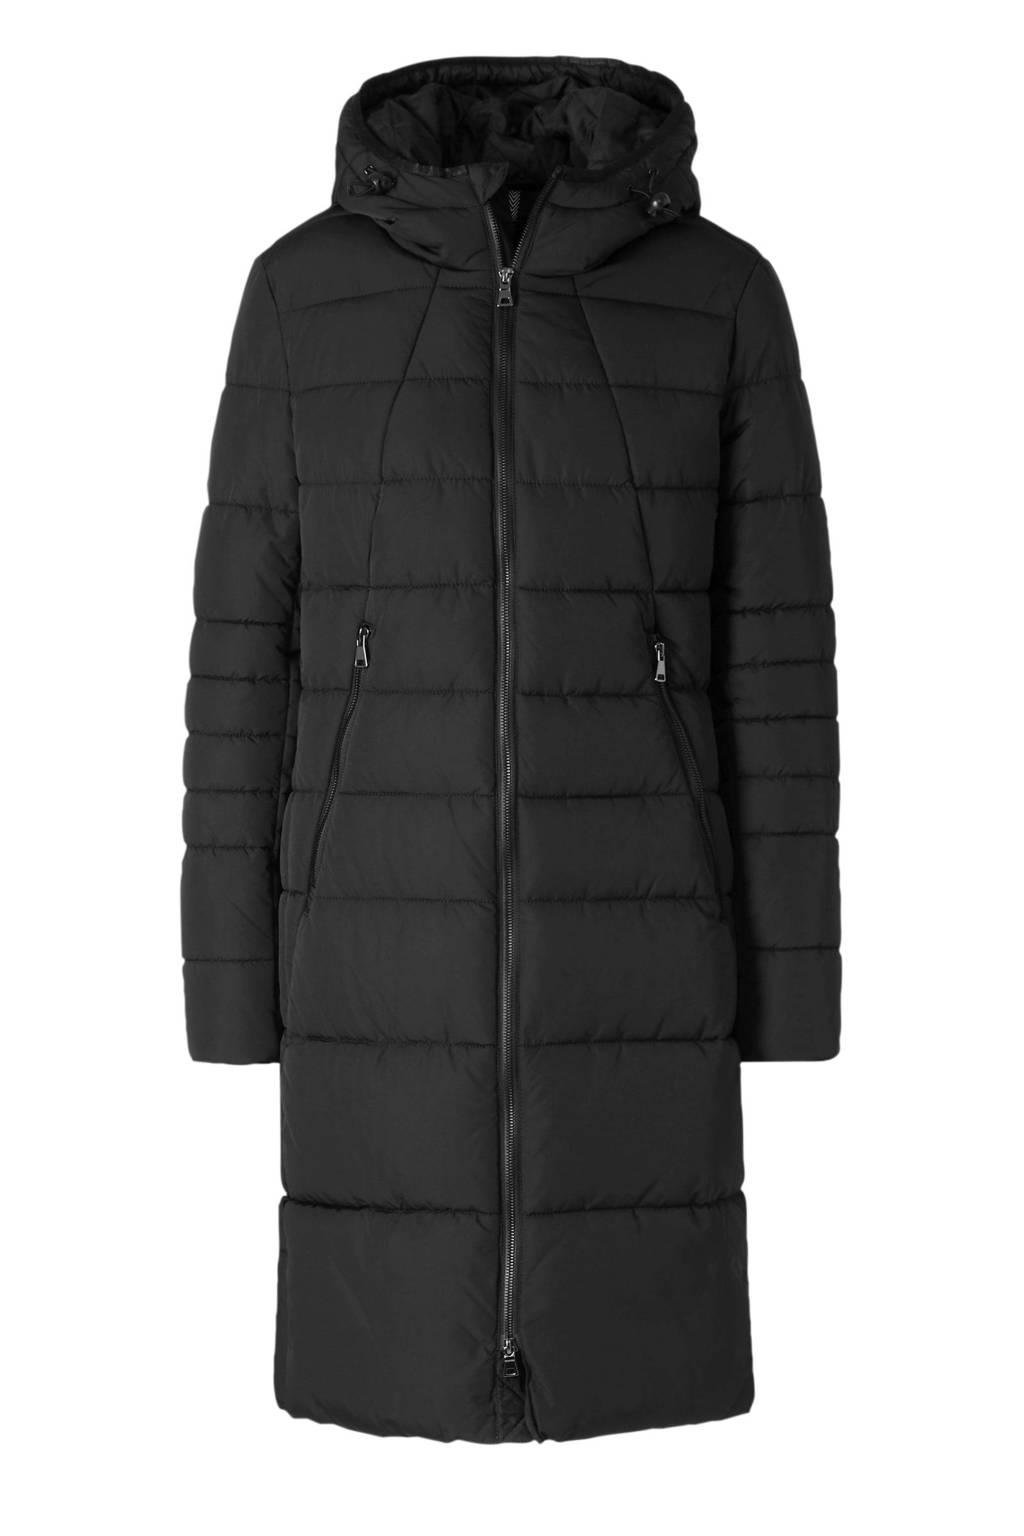 C&A Canda gewatteerde jas zwart, Zwart